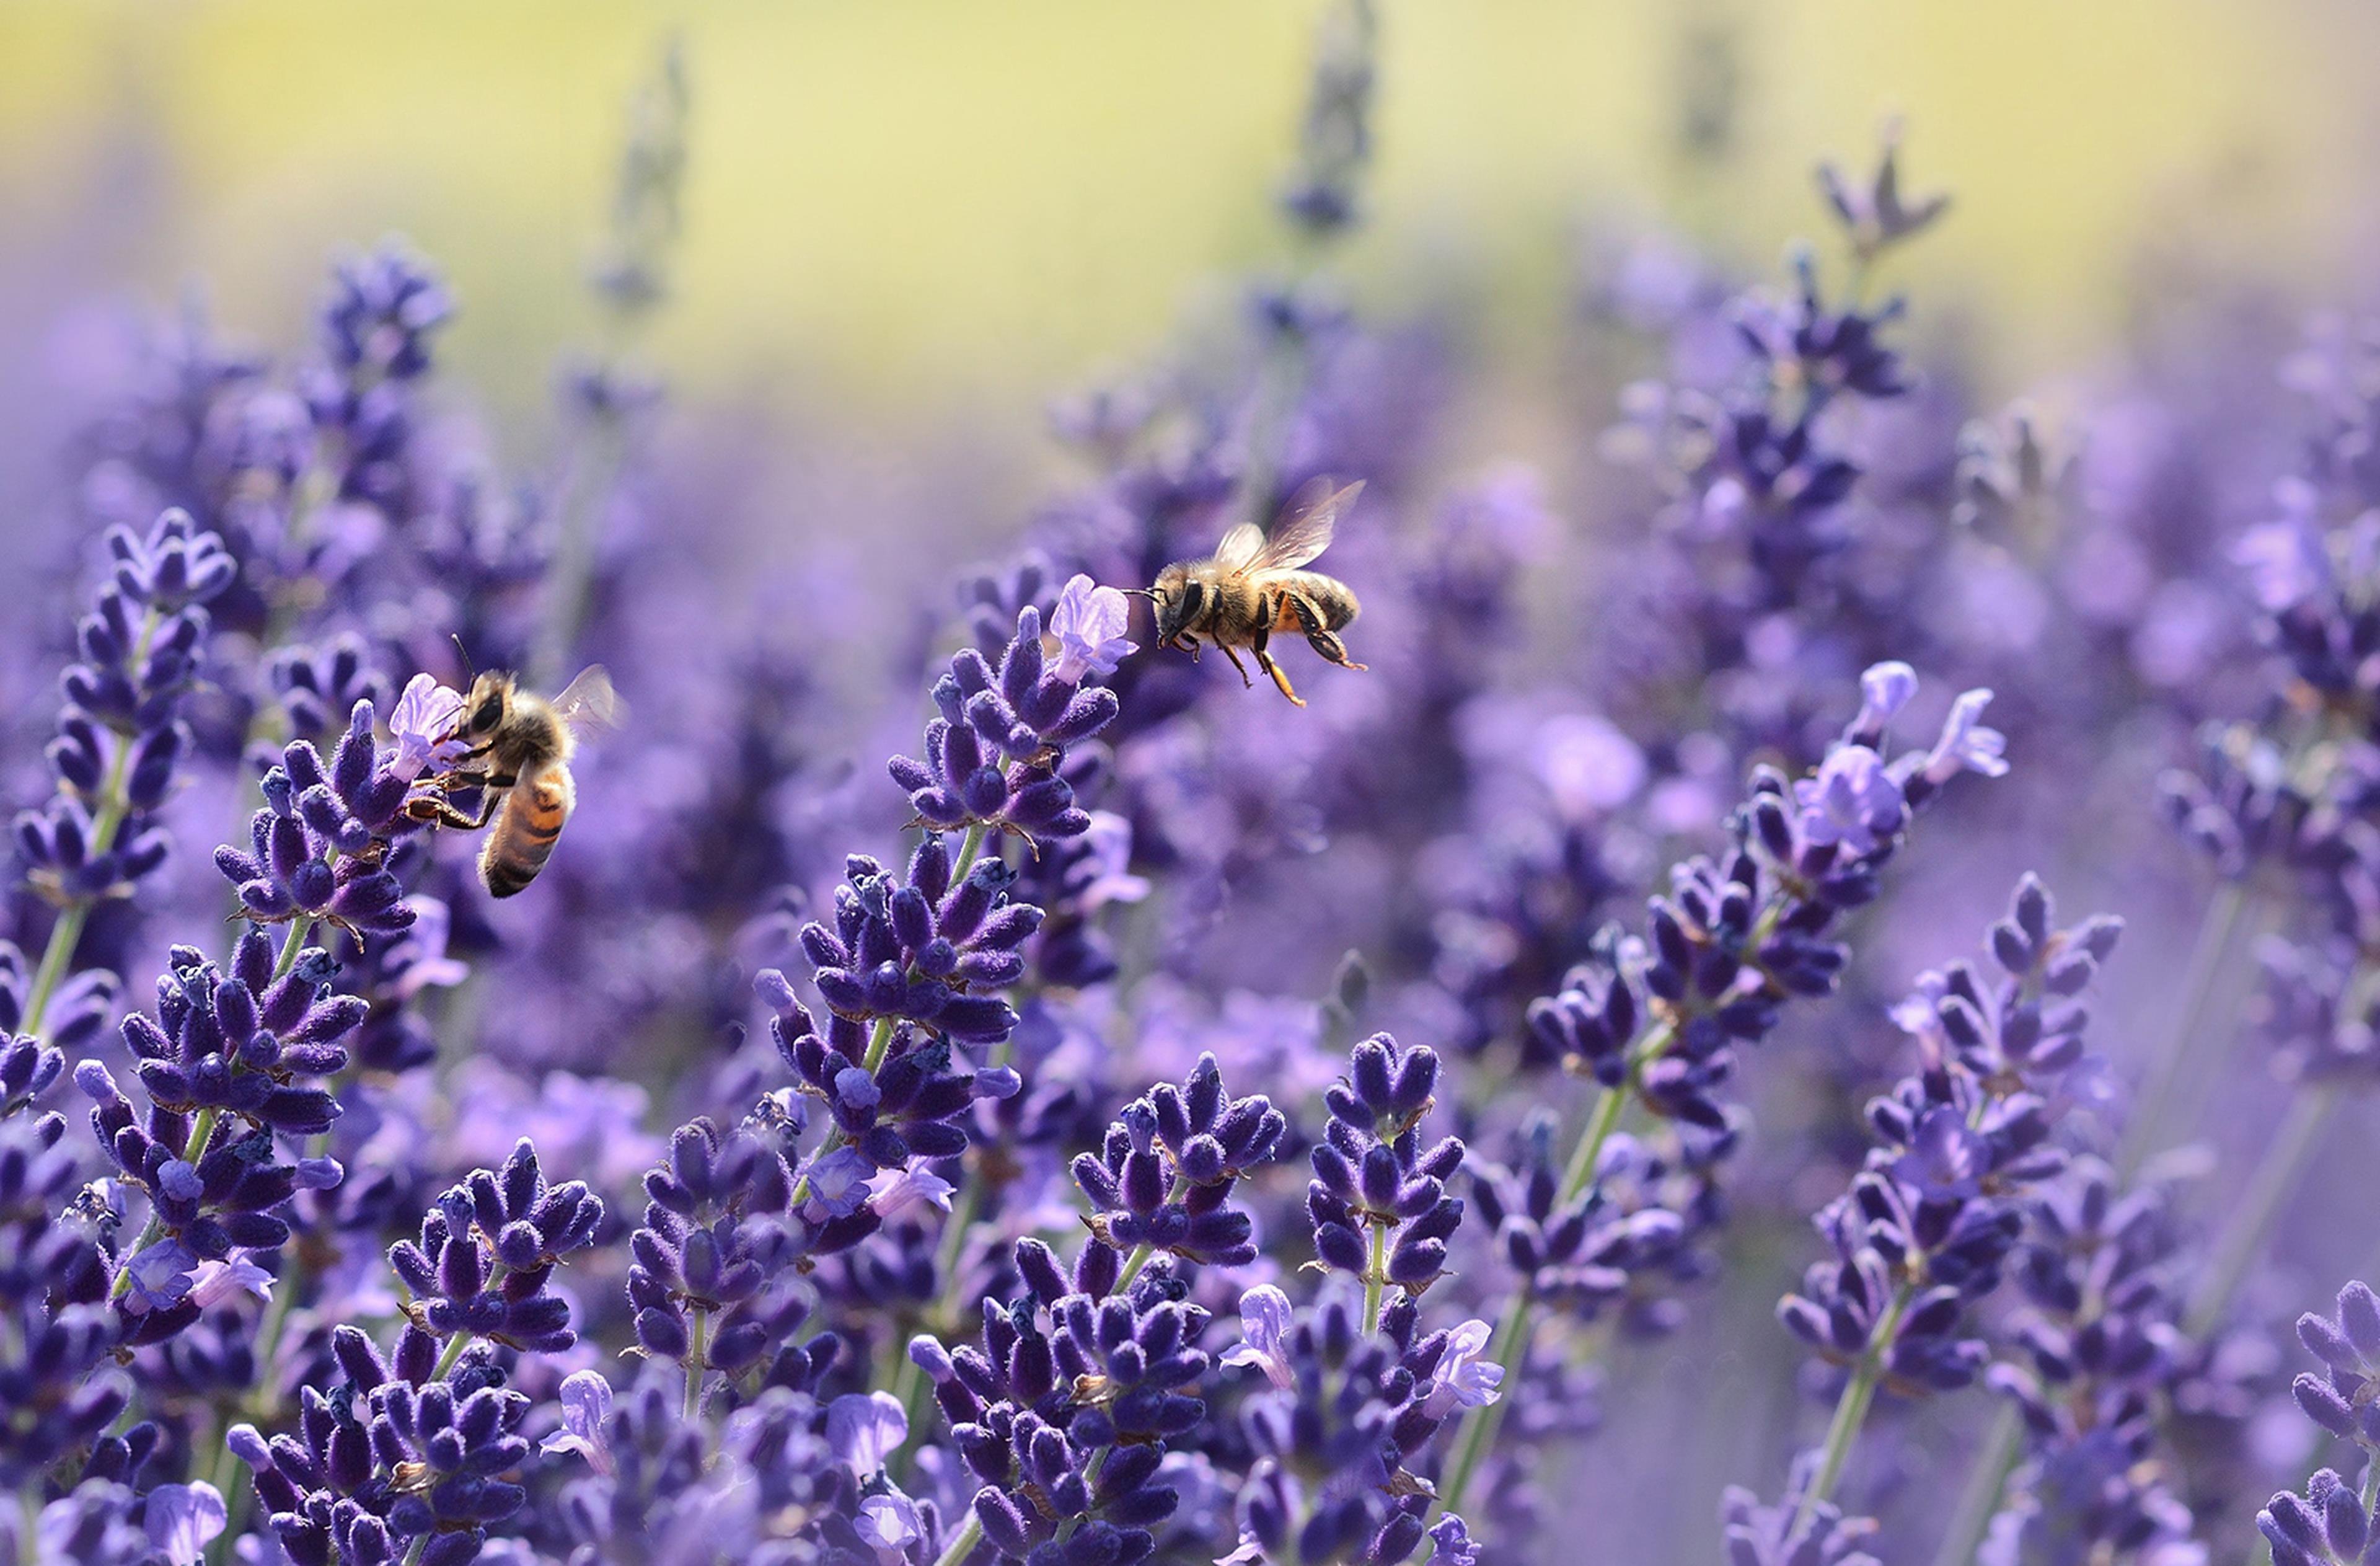 Copertina frasi sulle api